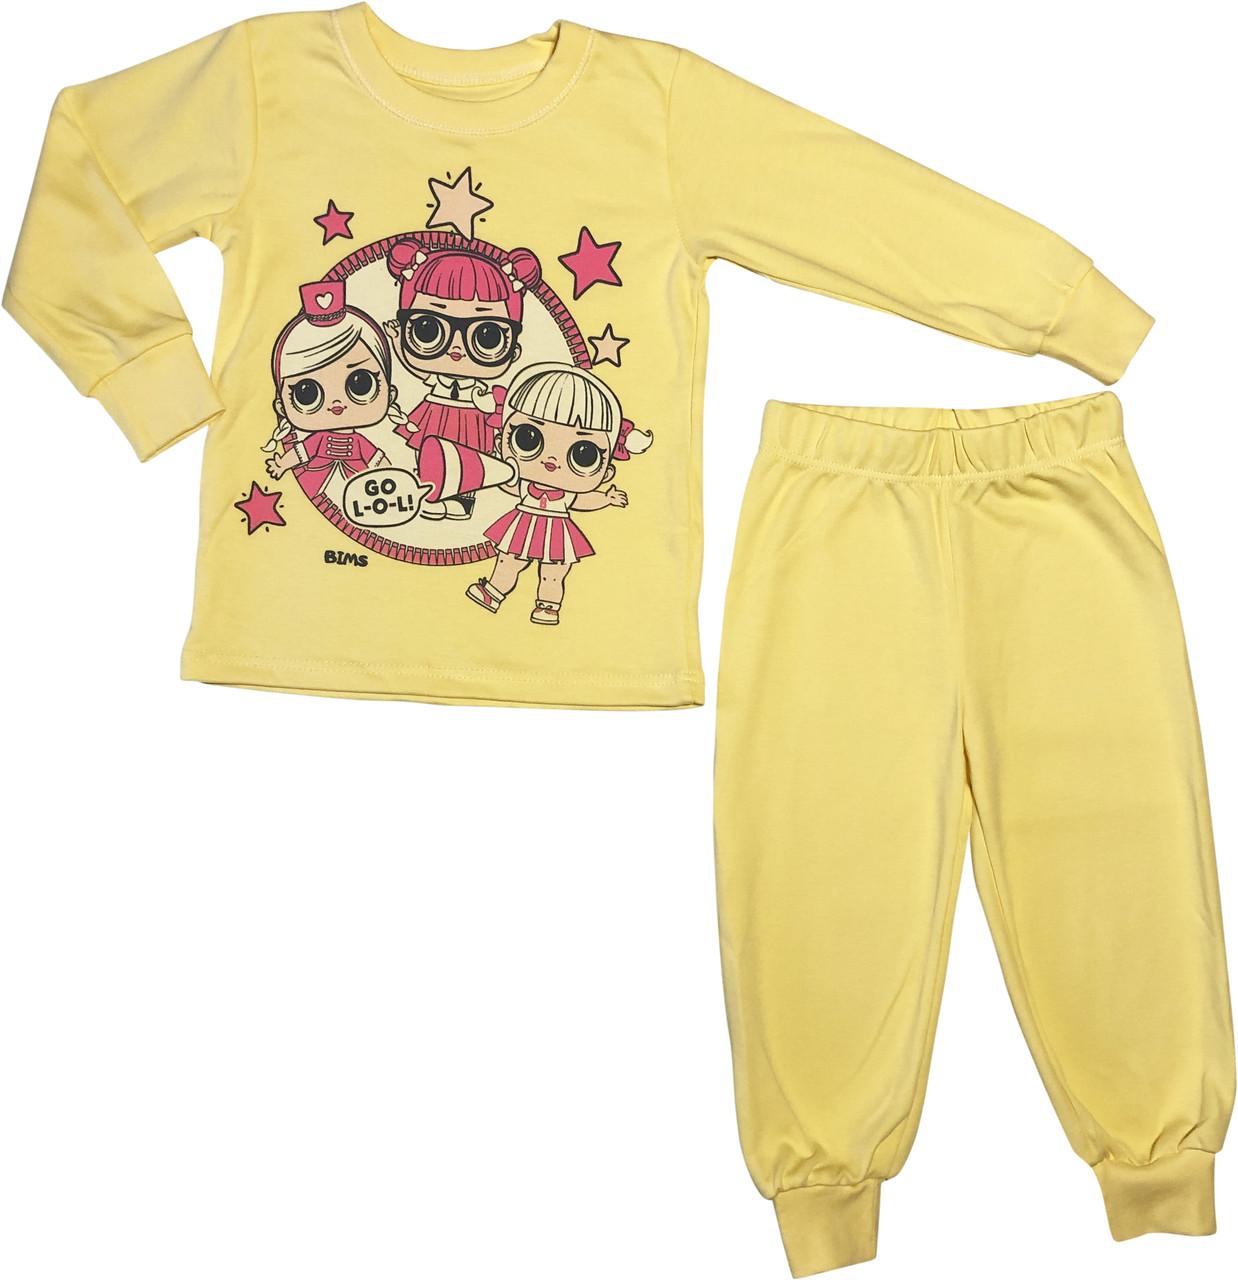 Детская пижама рост 86 1 год-1,5 года трикотажная интерлок жёлтая Лол на девочку для малышей Ж977